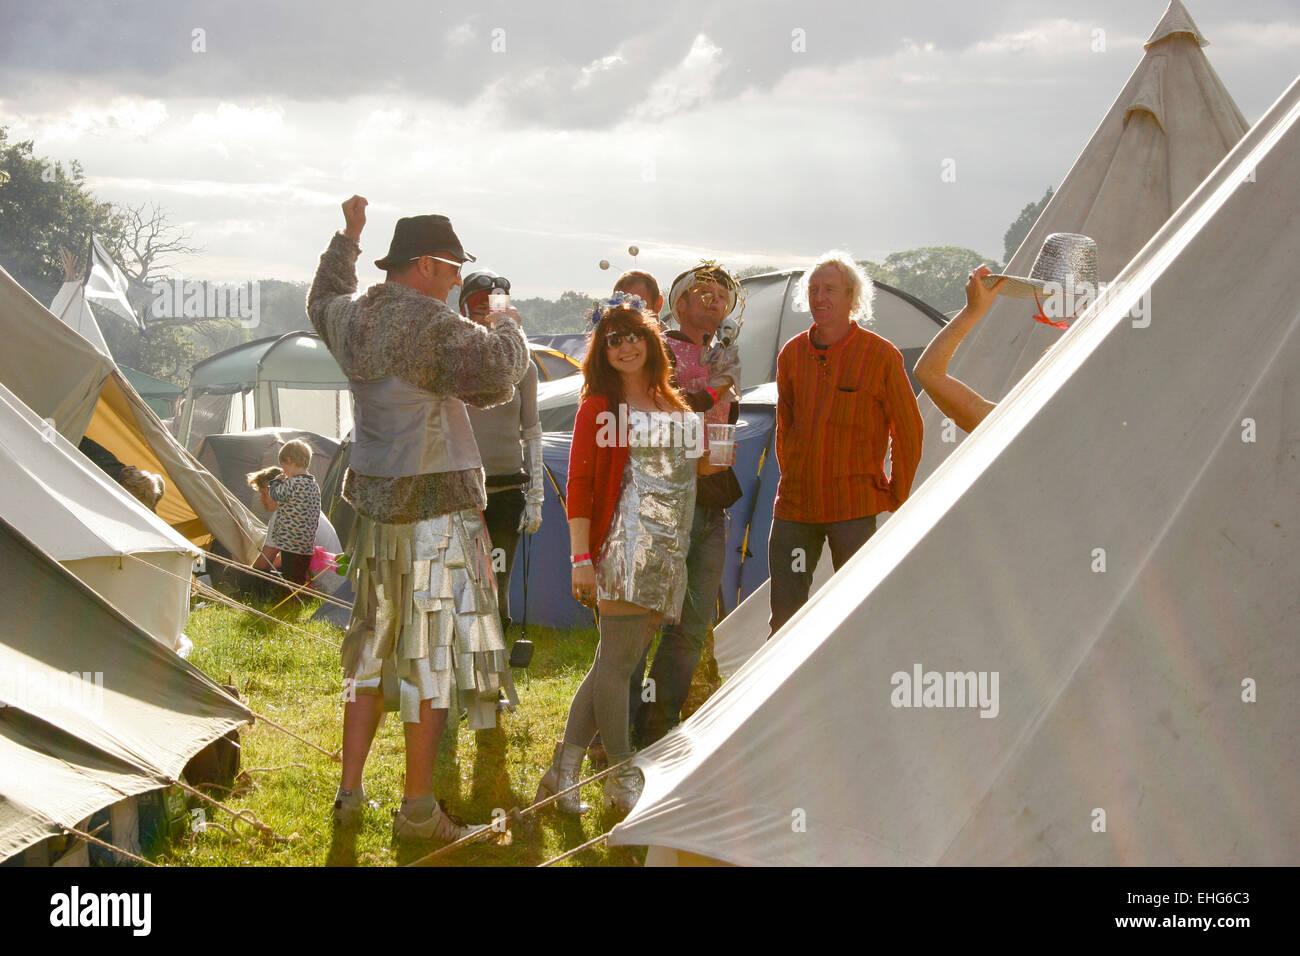 Schönen Campingplatz auf einem Festival in England. Stockfoto